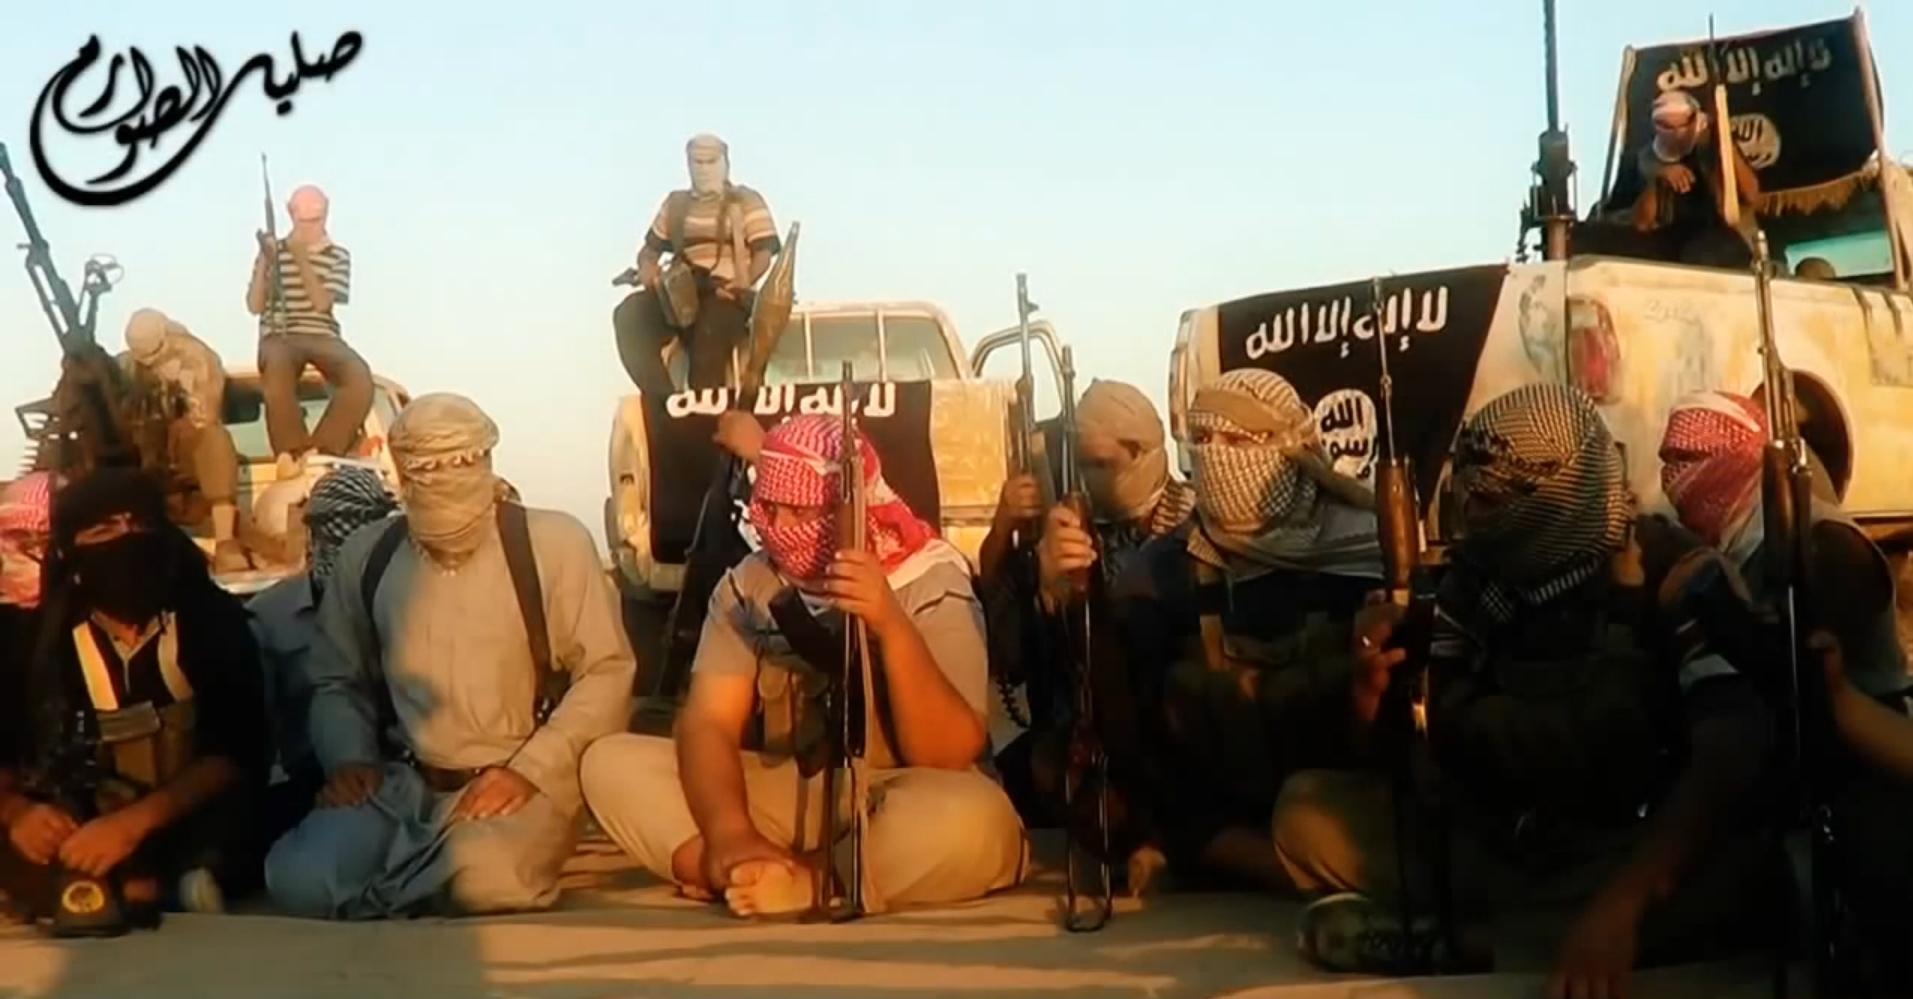 مسلحون ينتمون إلى داعش في العراق